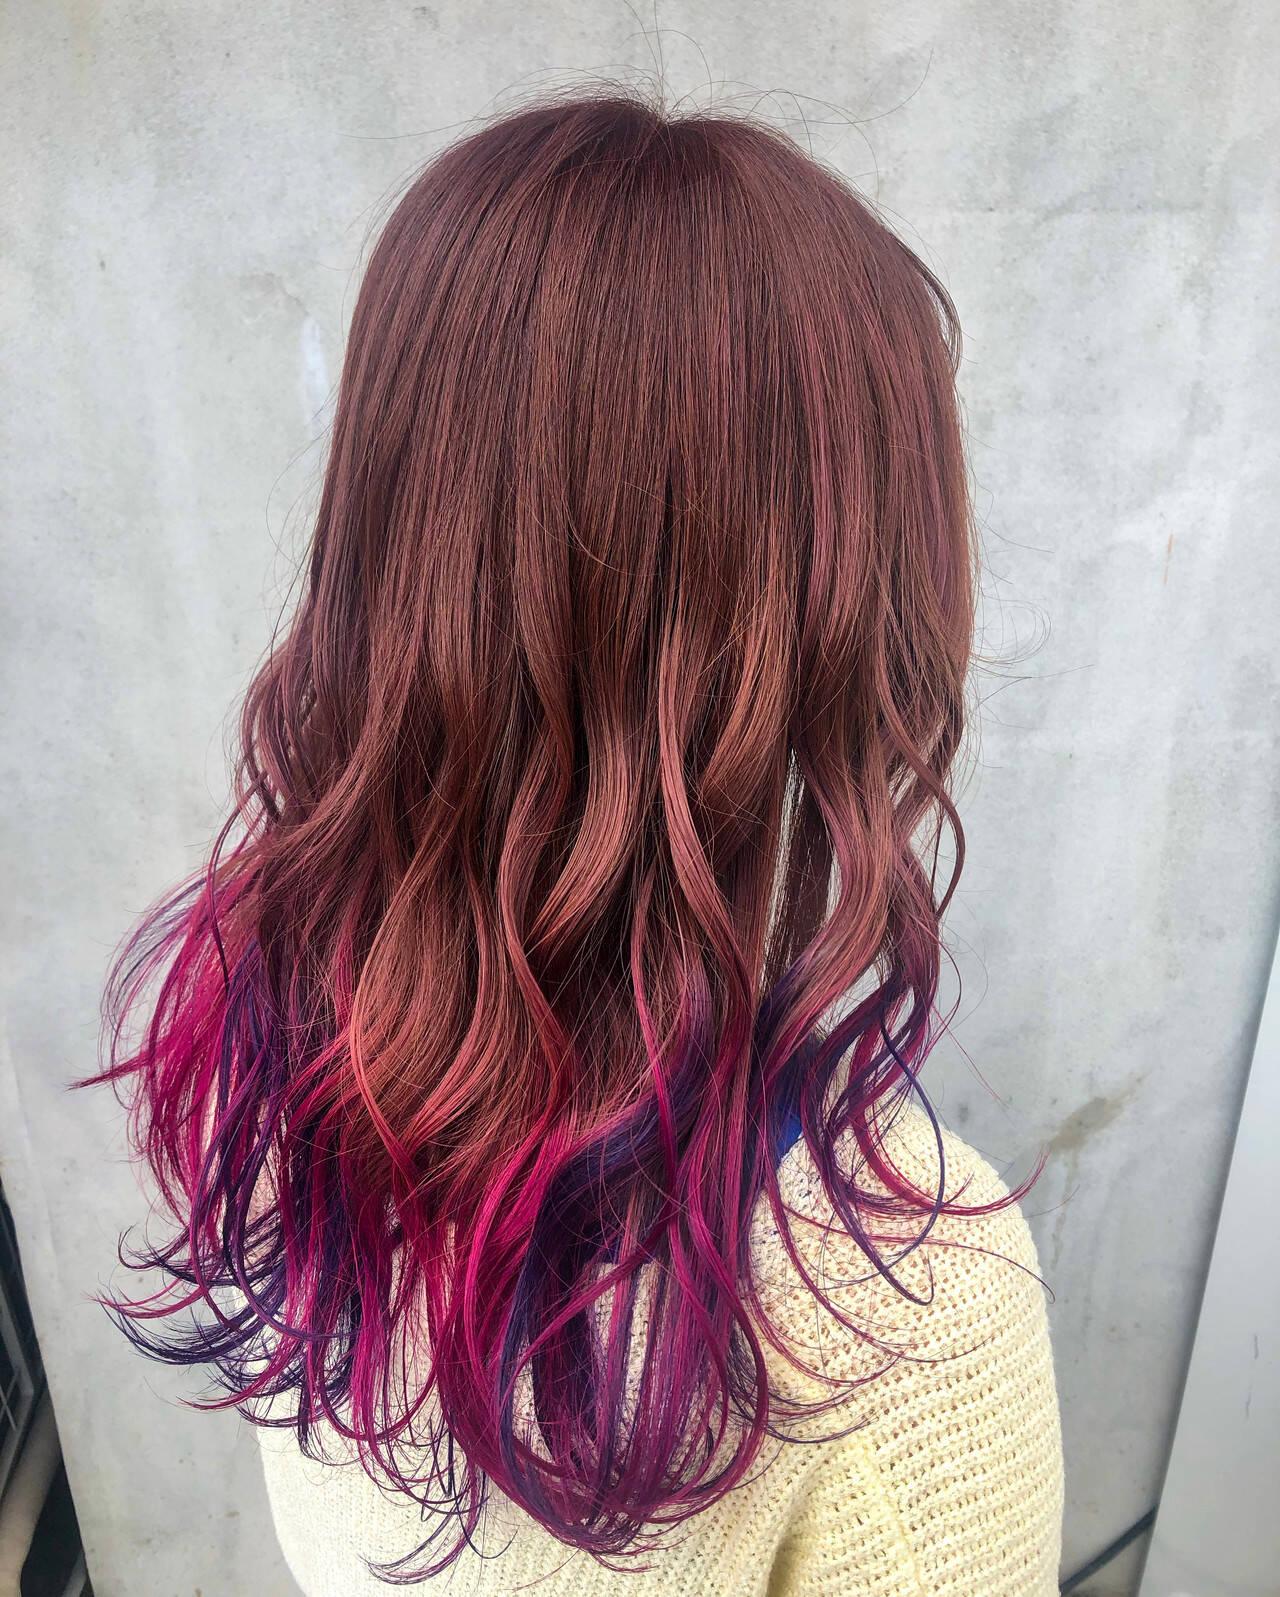 ロング ベリーピンク バレイヤージュ ガーリーヘアスタイルや髪型の写真・画像